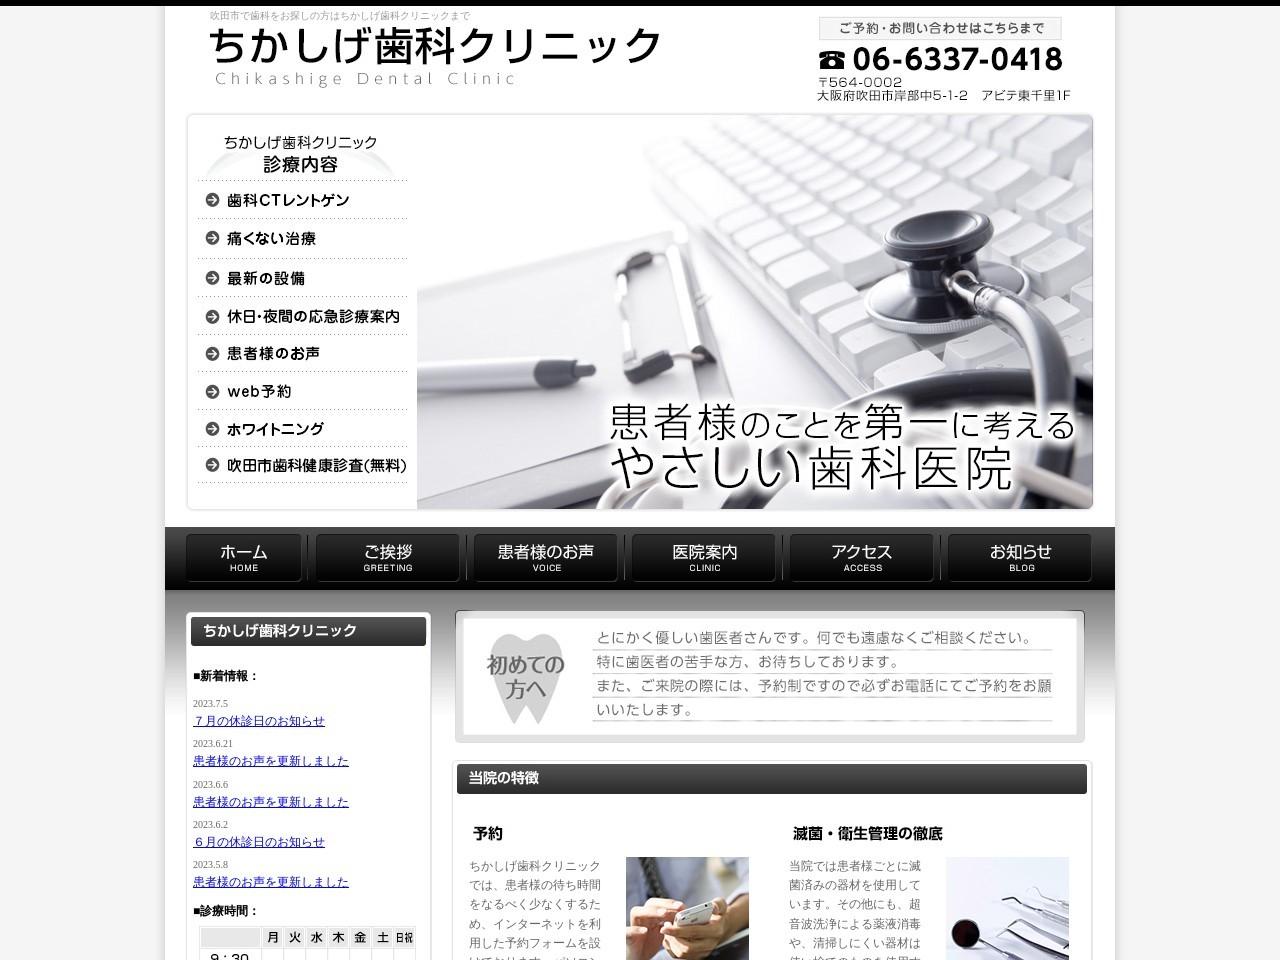 ちかしげ歯科クリニック (大阪府吹田市)